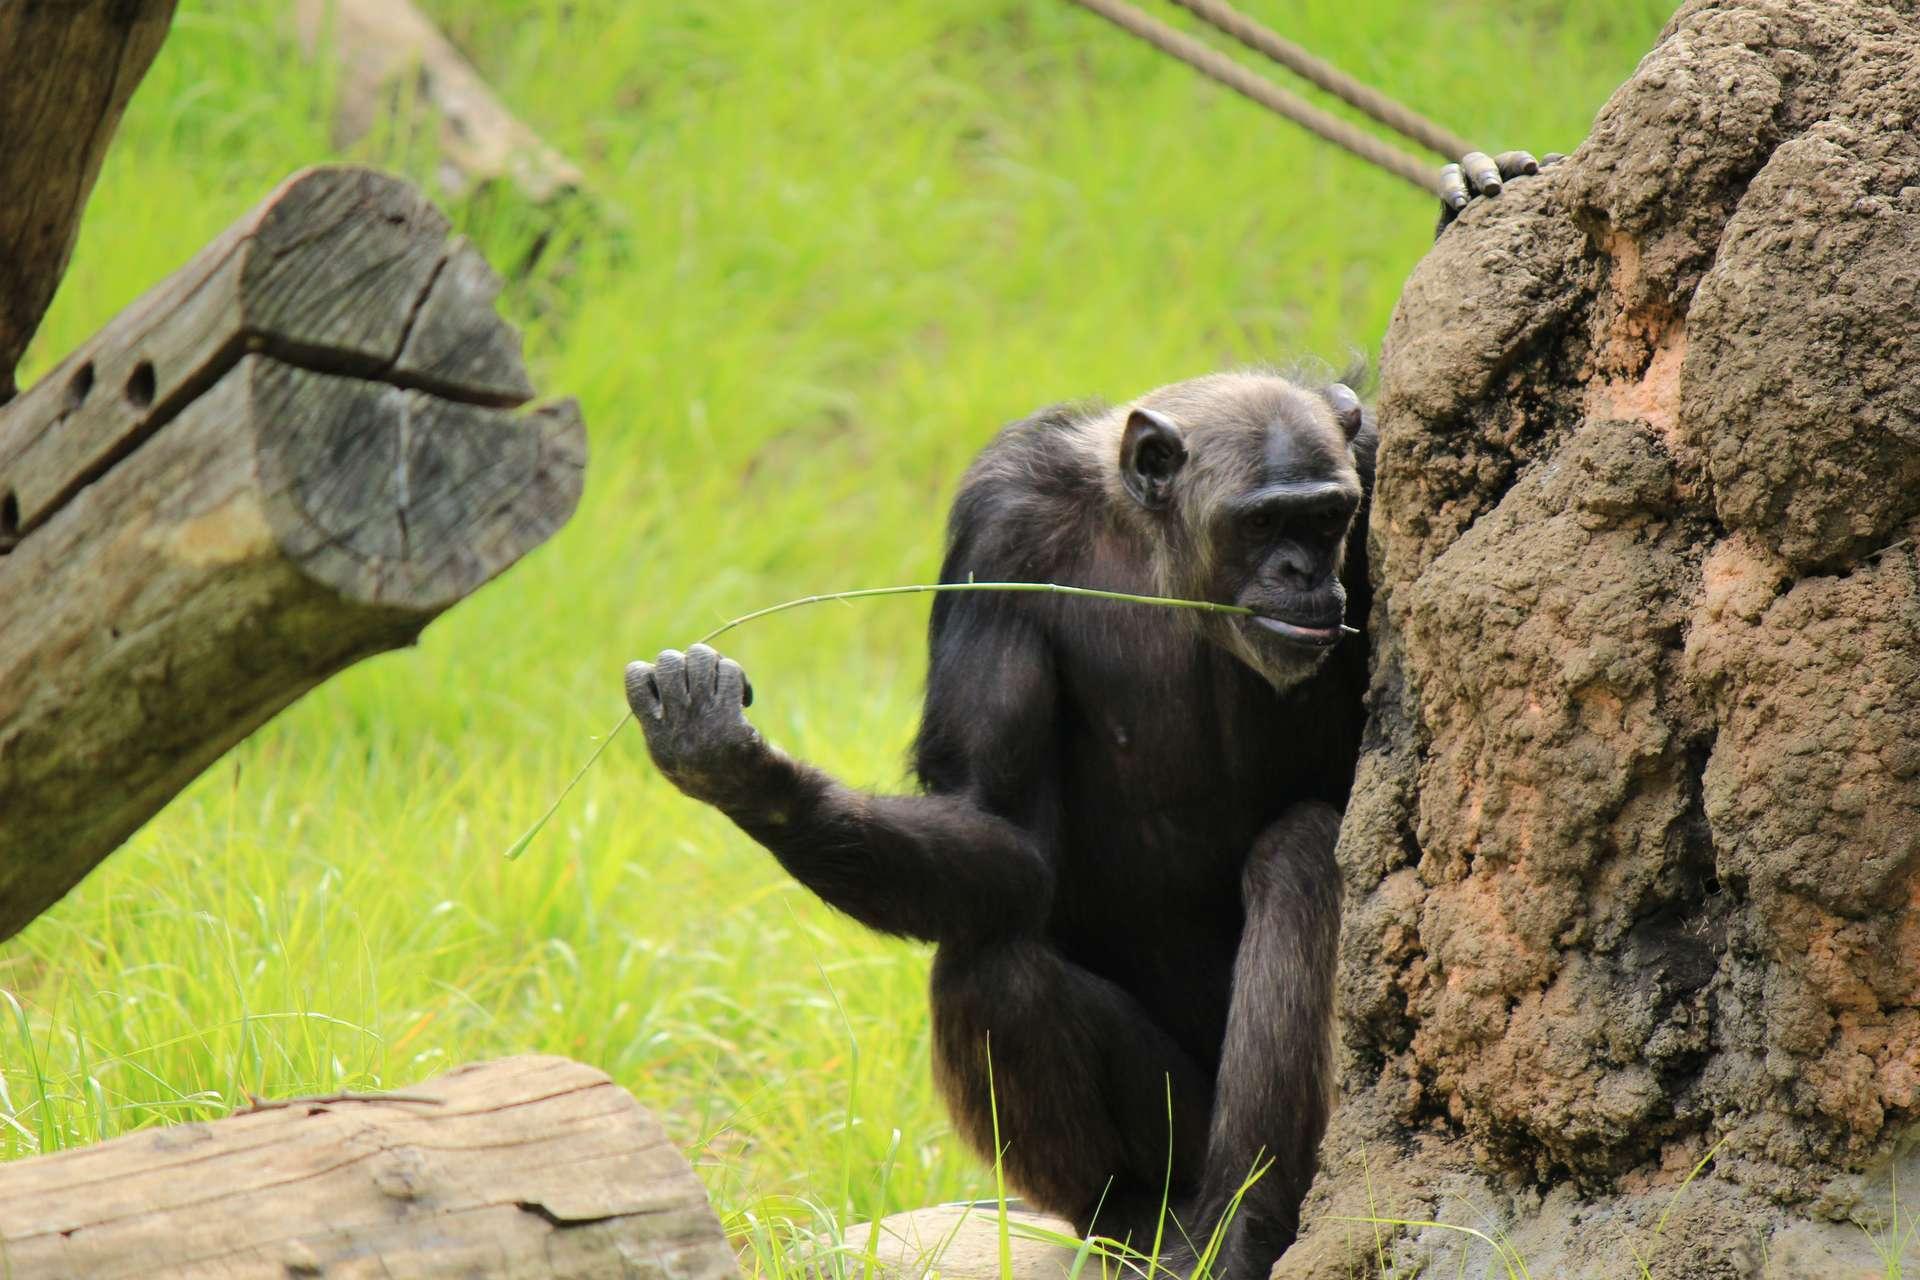 Certains chimpanzés utilisent des tiges qu'ils plongent dans une termitière. Les termites s'y accrochent, ce qui les laisse les picorer sans le moindre effort. © Onimihcu, Adobe Stock